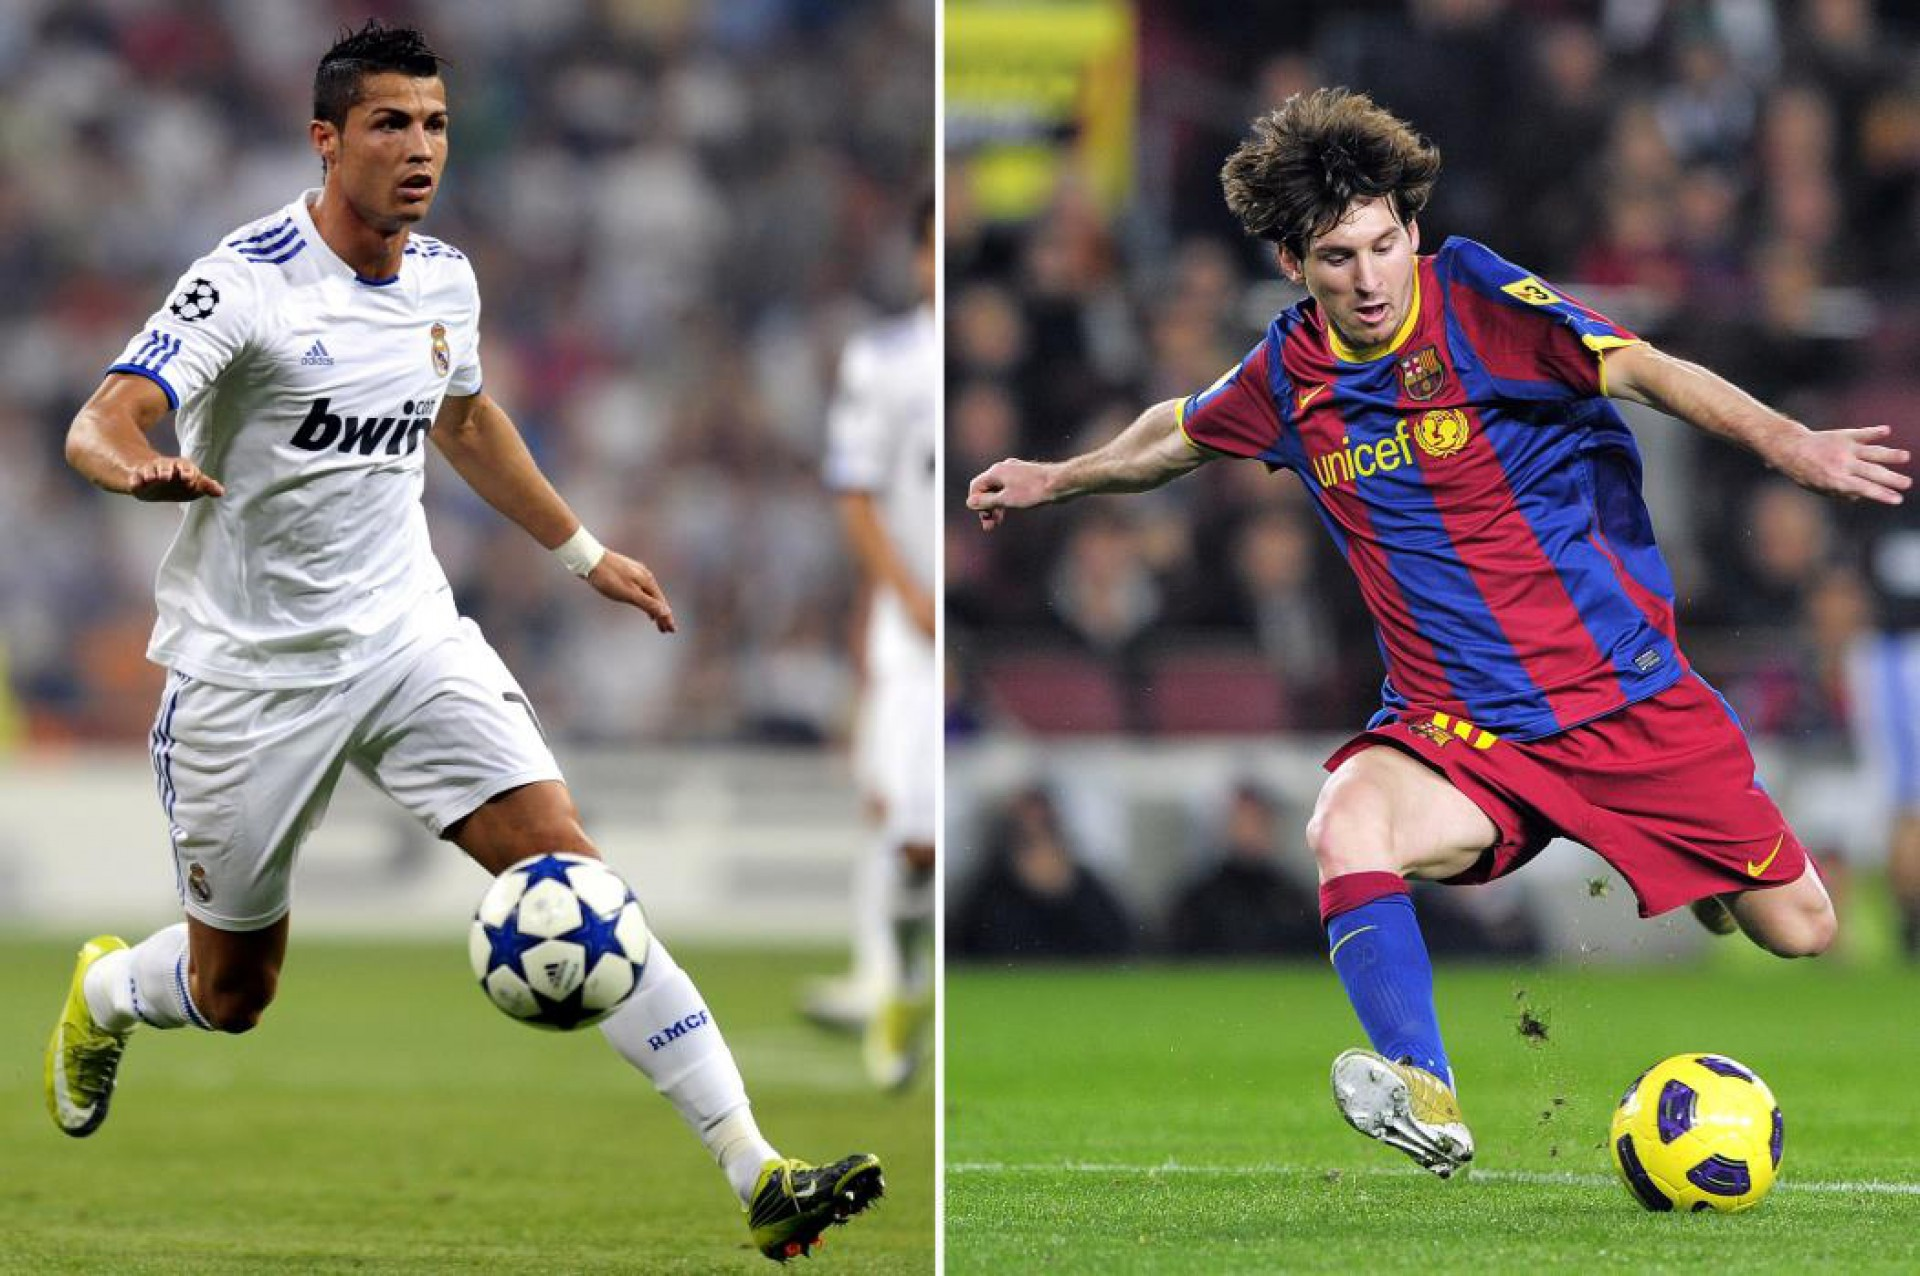 Os atacantes português Cristiano Ronaldo (quando jogava no Real Madri) e o argentino do Barcelona Lionel Messi, donos dos mais expressivos desempenhos dos últimos anos (FOTO AFP / PIERRE-PHILIPPE MARCOU)